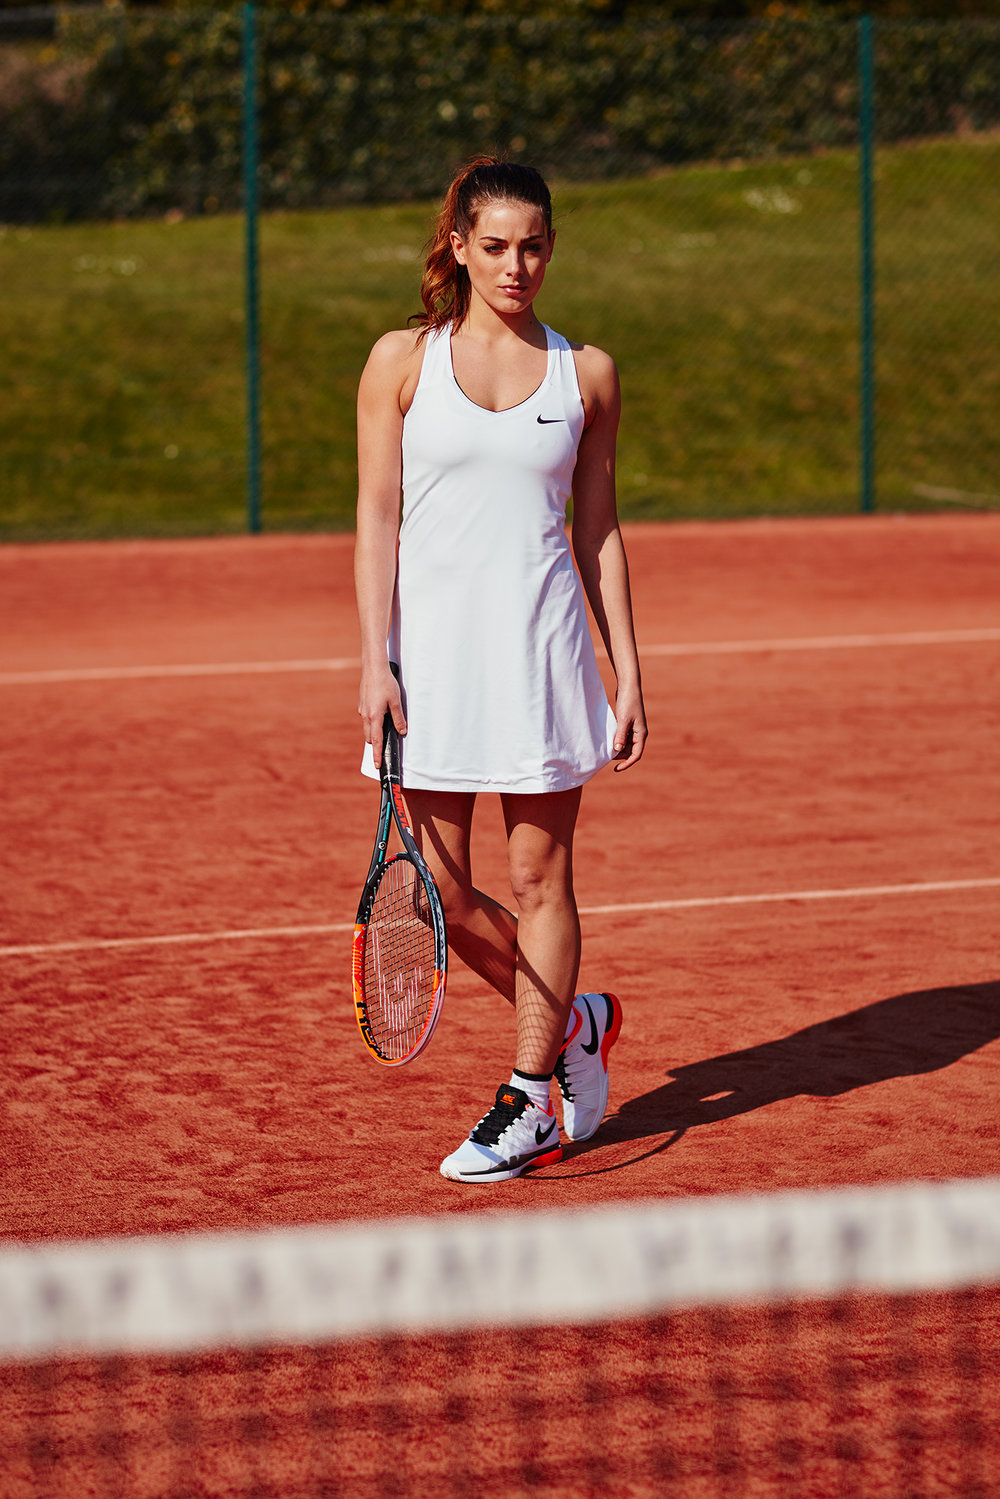 Tennis-33.jpg